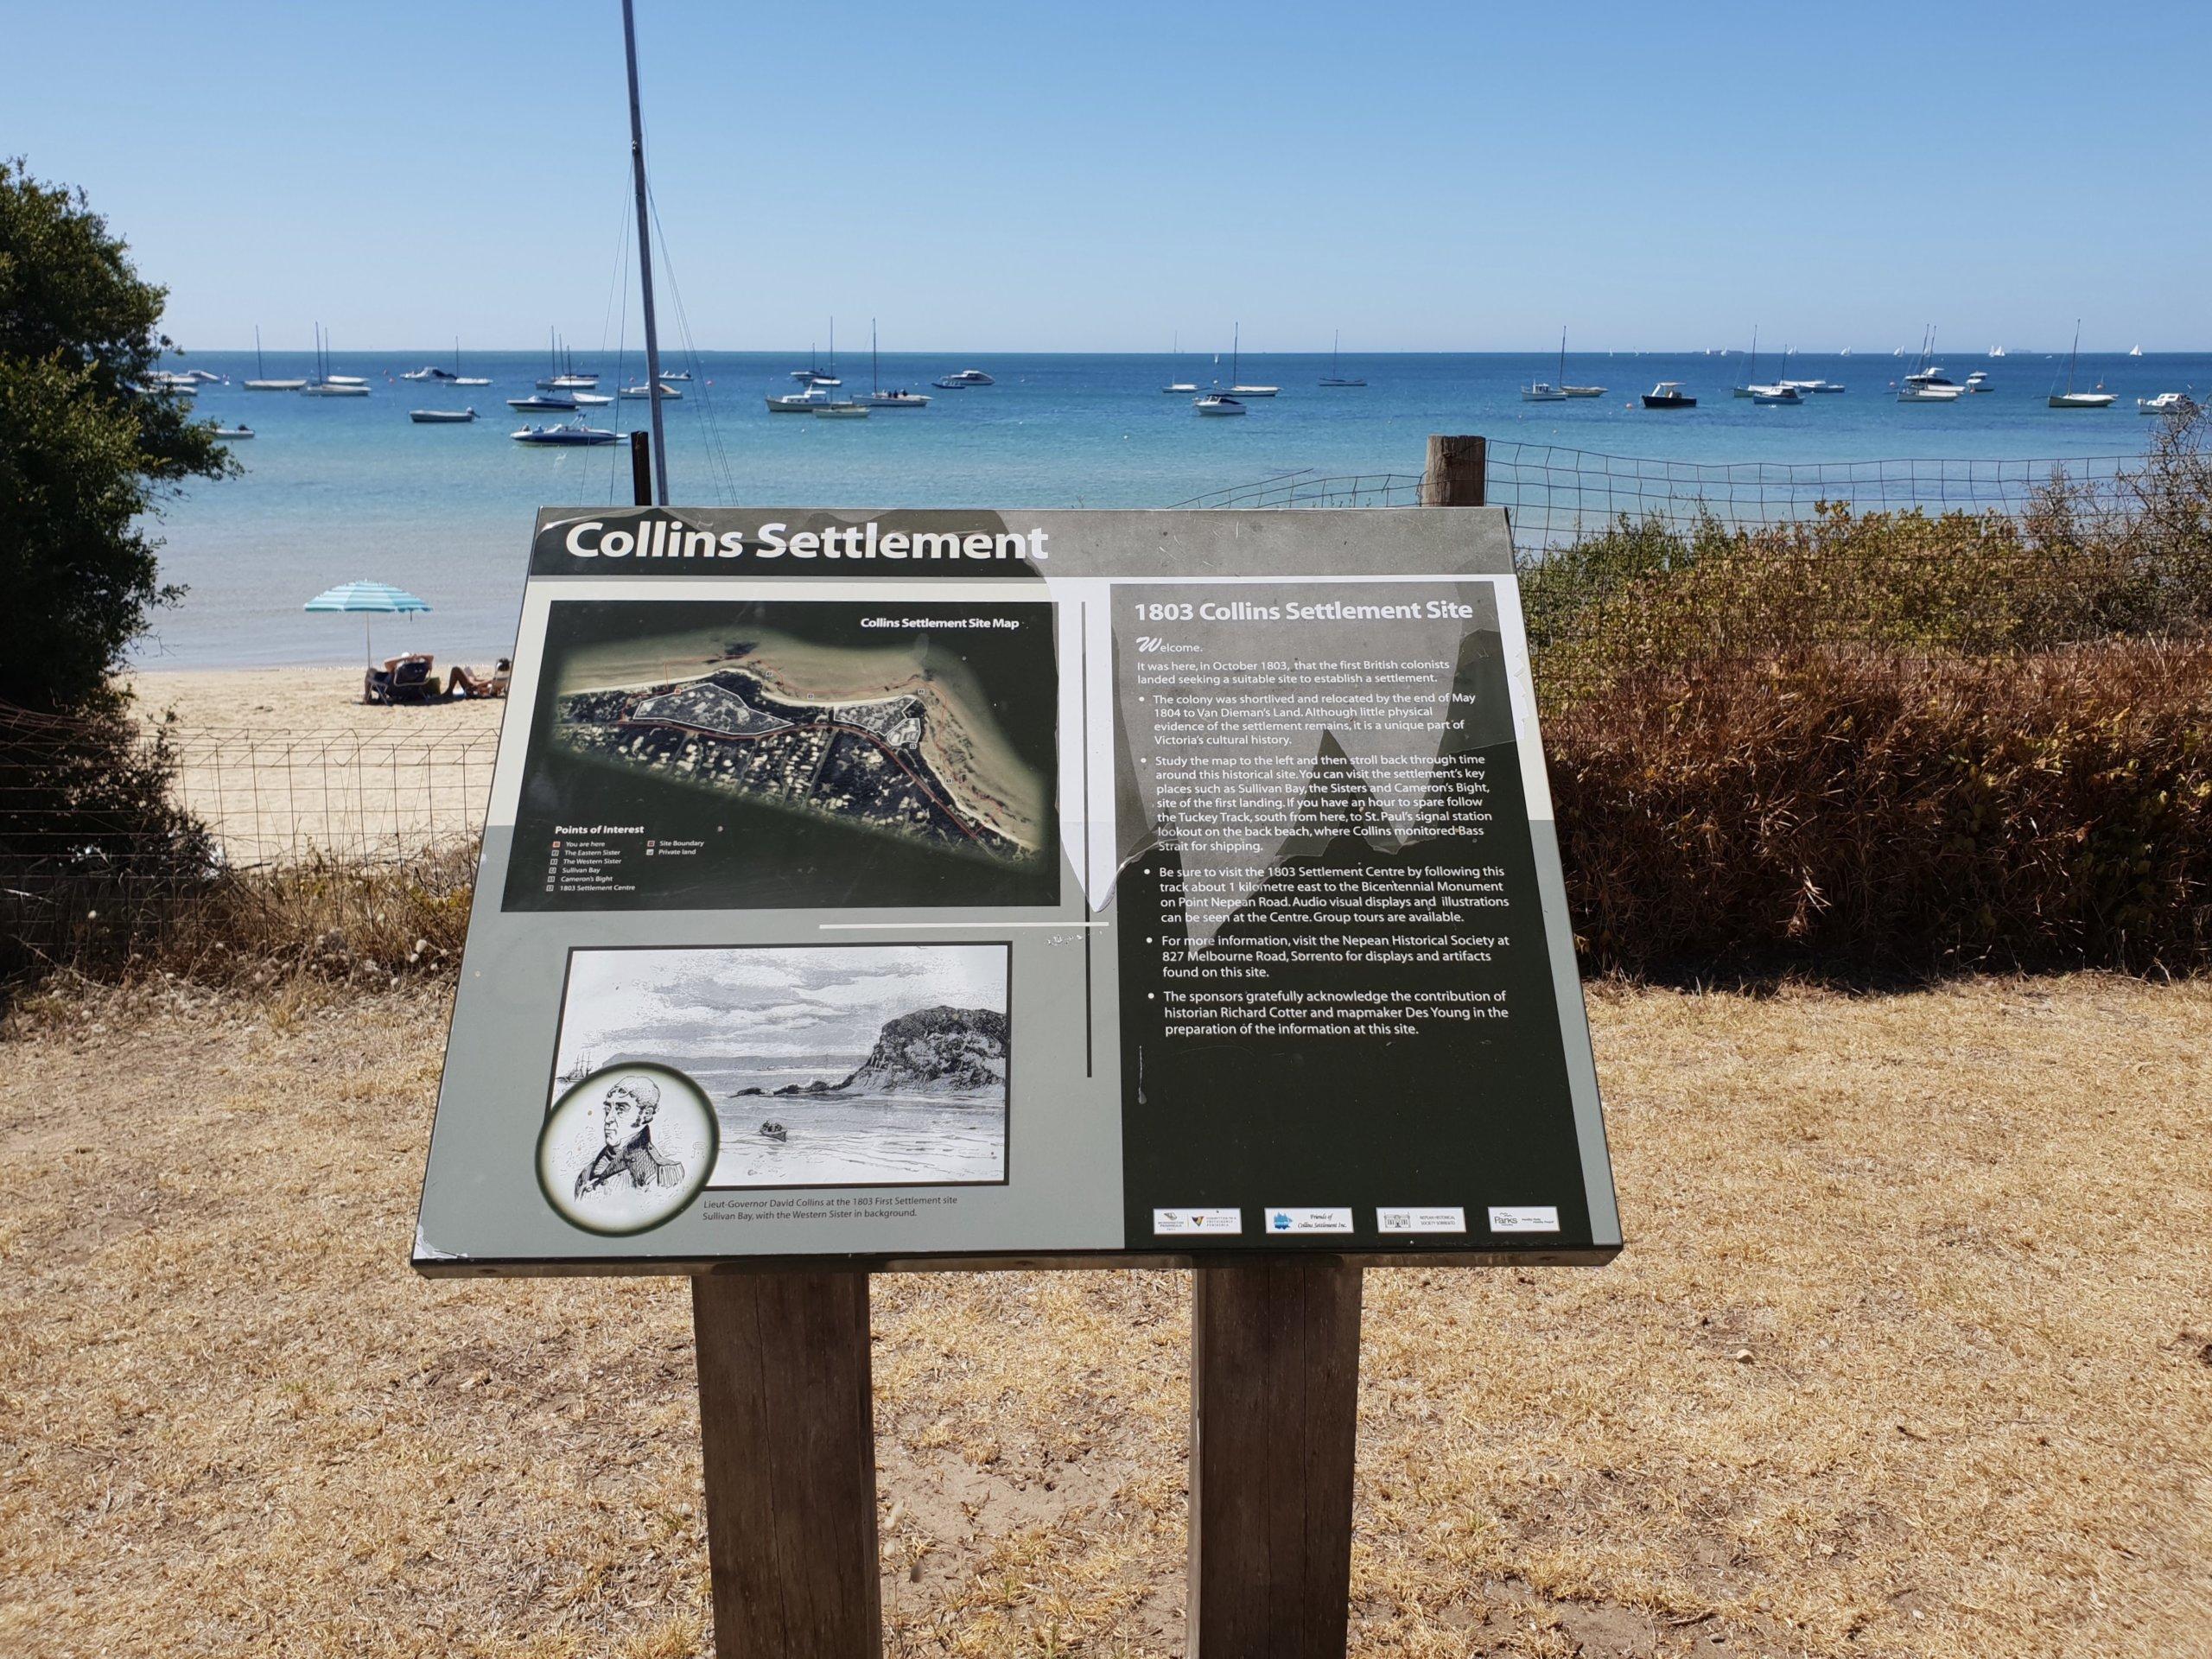 ビクトリア州最初の開拓地は数カ月で放棄されたモーニントン半島だった